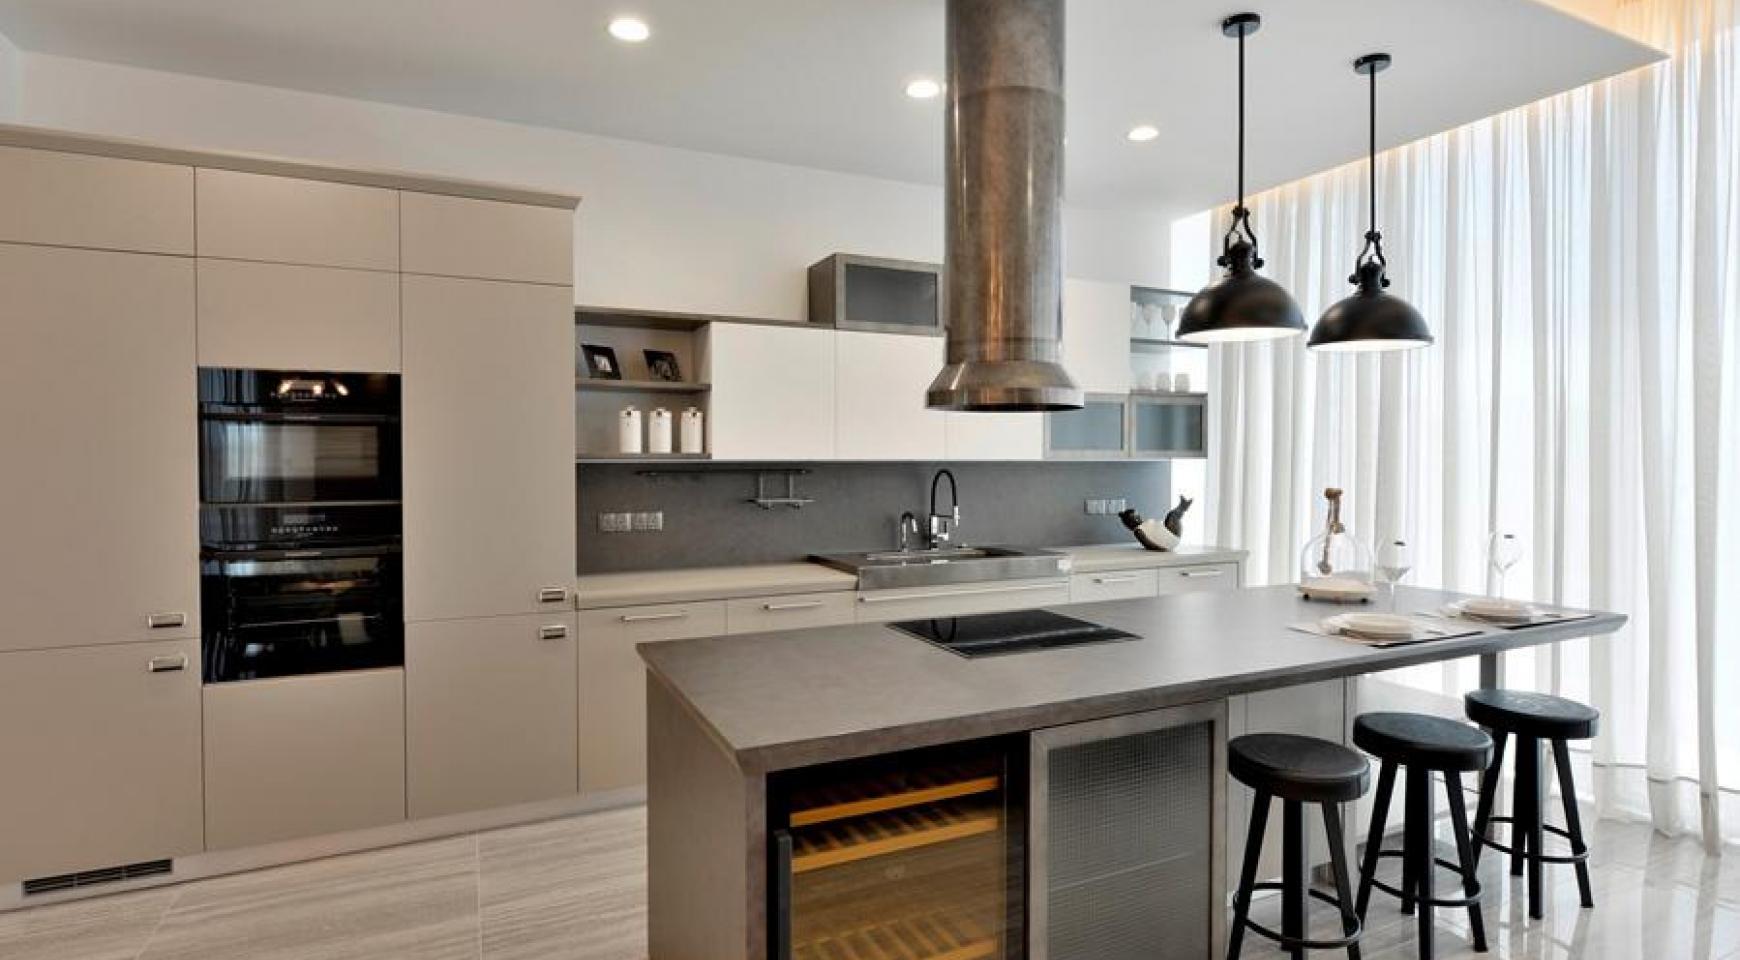 Πολυτελές διαμέρισμα 2 υπνοδωματίων με ταράτσα στο νεόδμητο συγκρότημα - 7